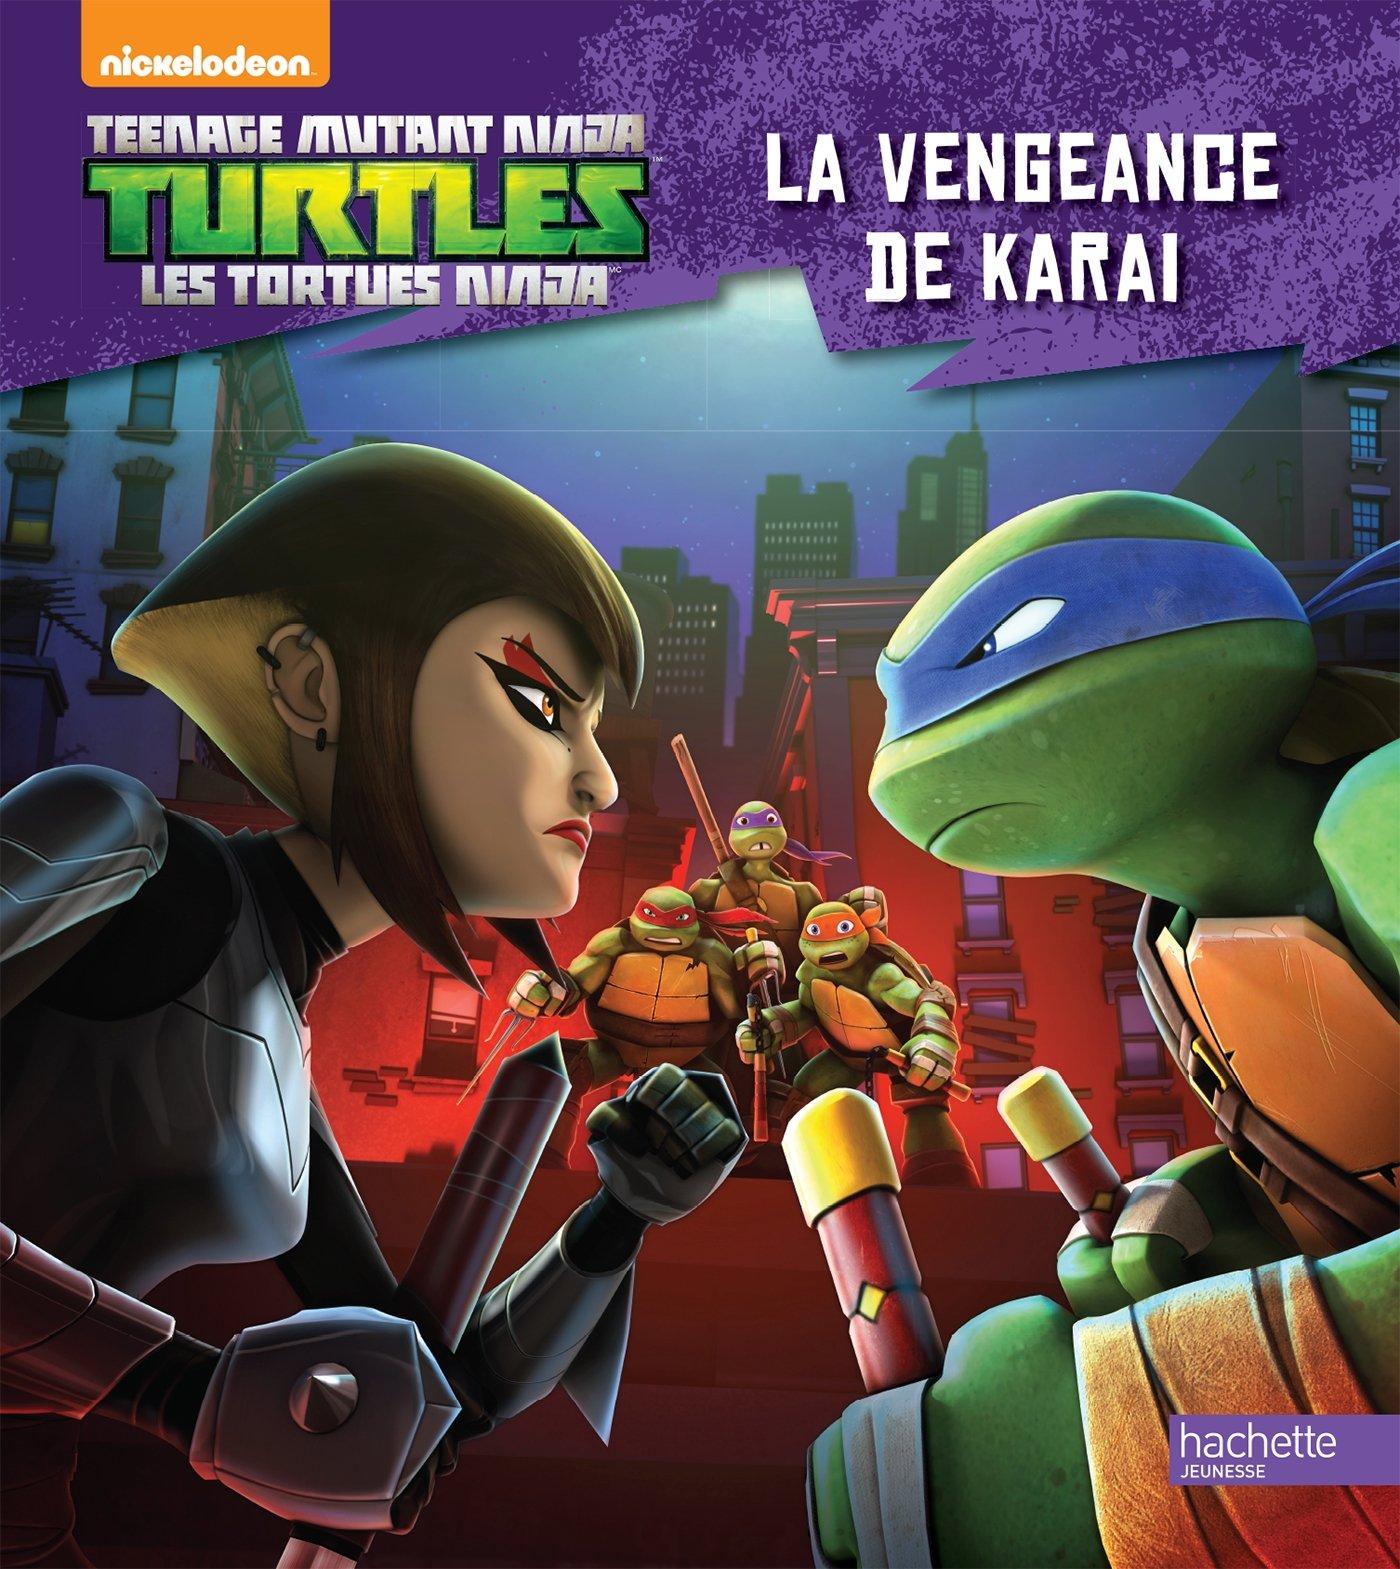 Tortues Ninja - la Vengeance de Karai: 9782010011191: Amazon ...